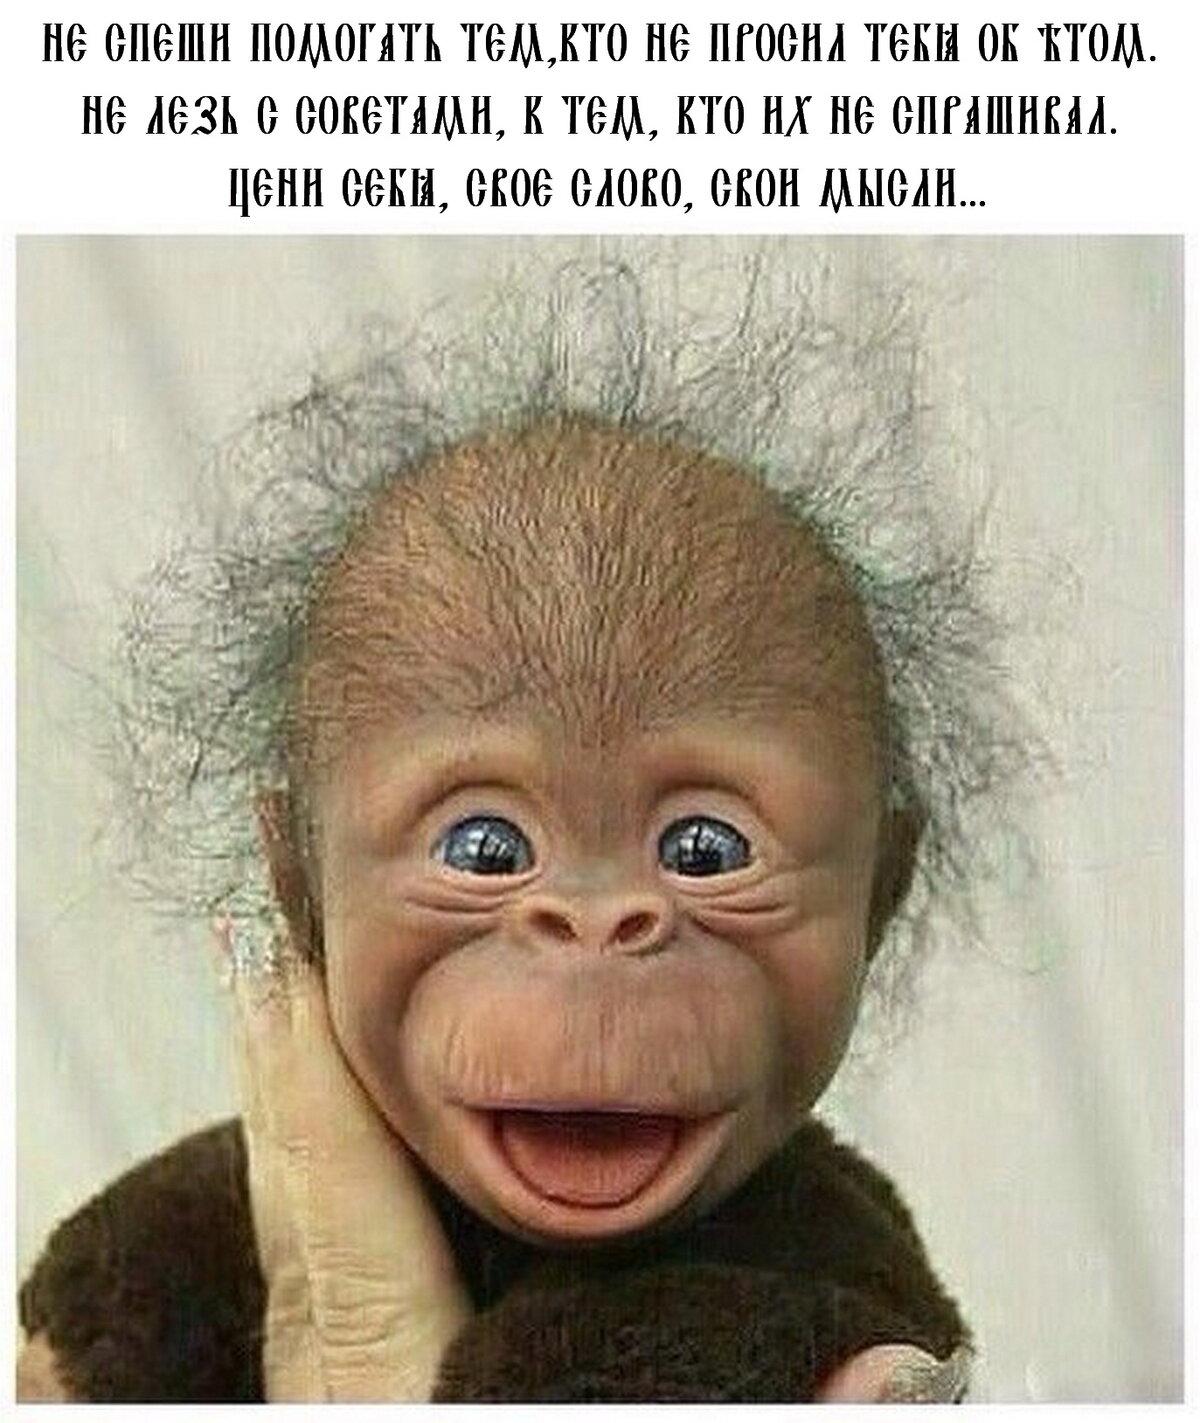 Прикольные картинки с обезьянками и надписями